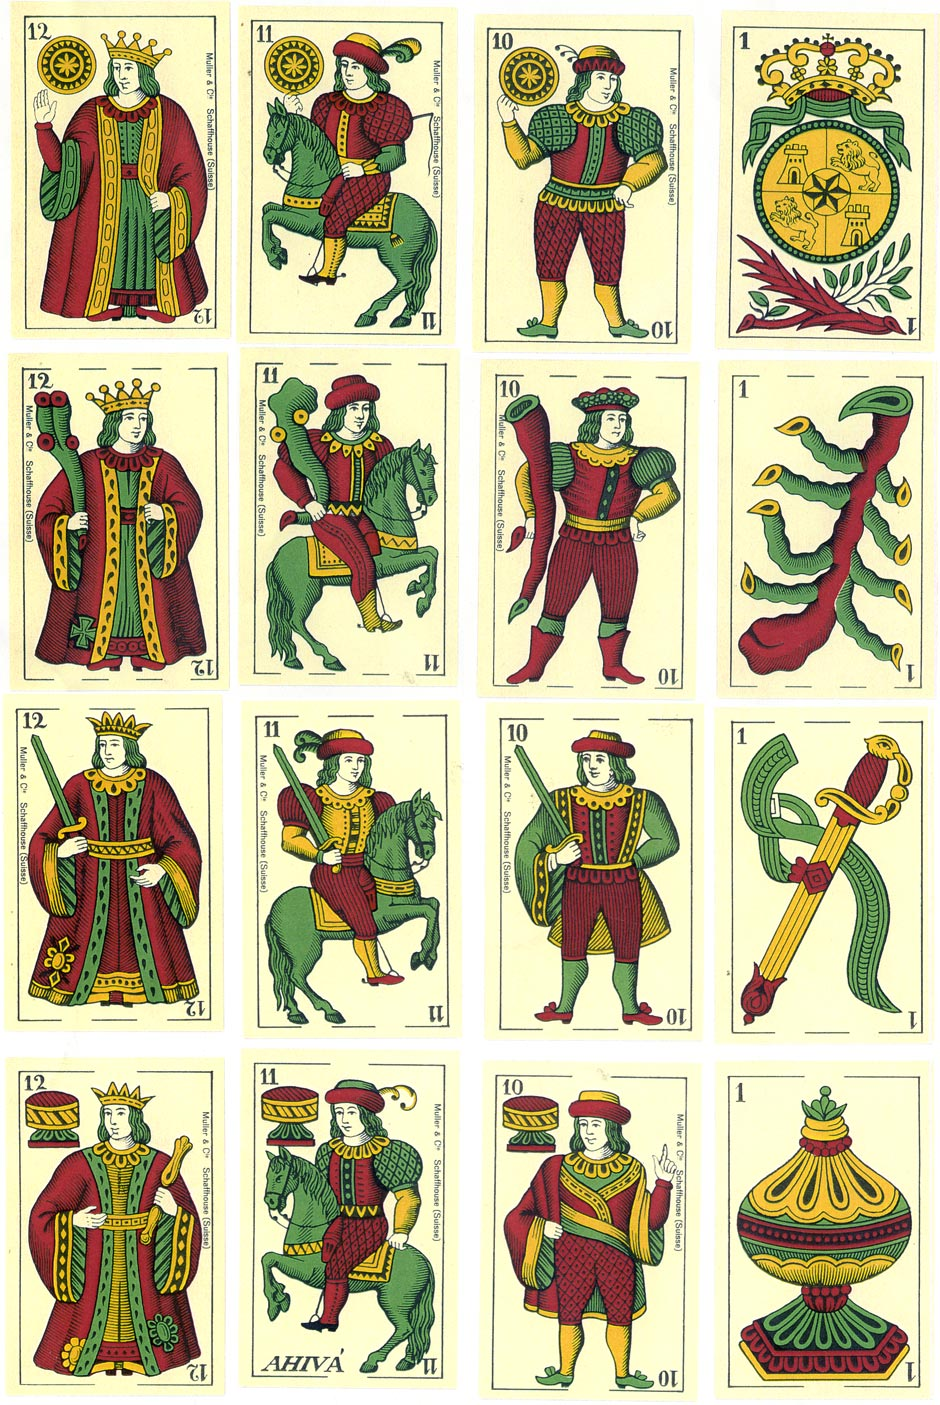 Spanish Cádiz-style pack by Müller & Cie, Schaffhausen,, c.1952